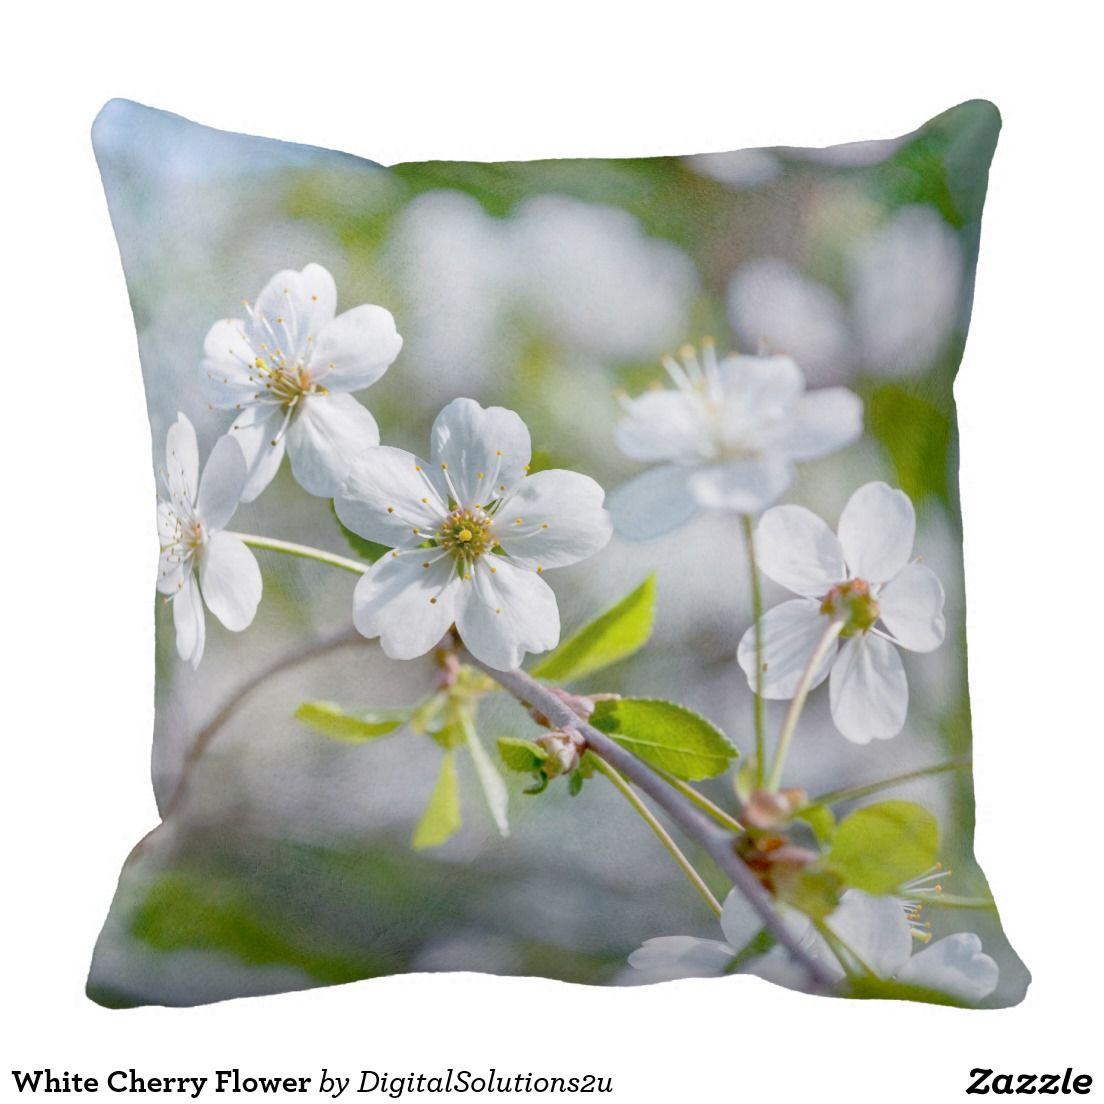 White Cherry Flower Pillow